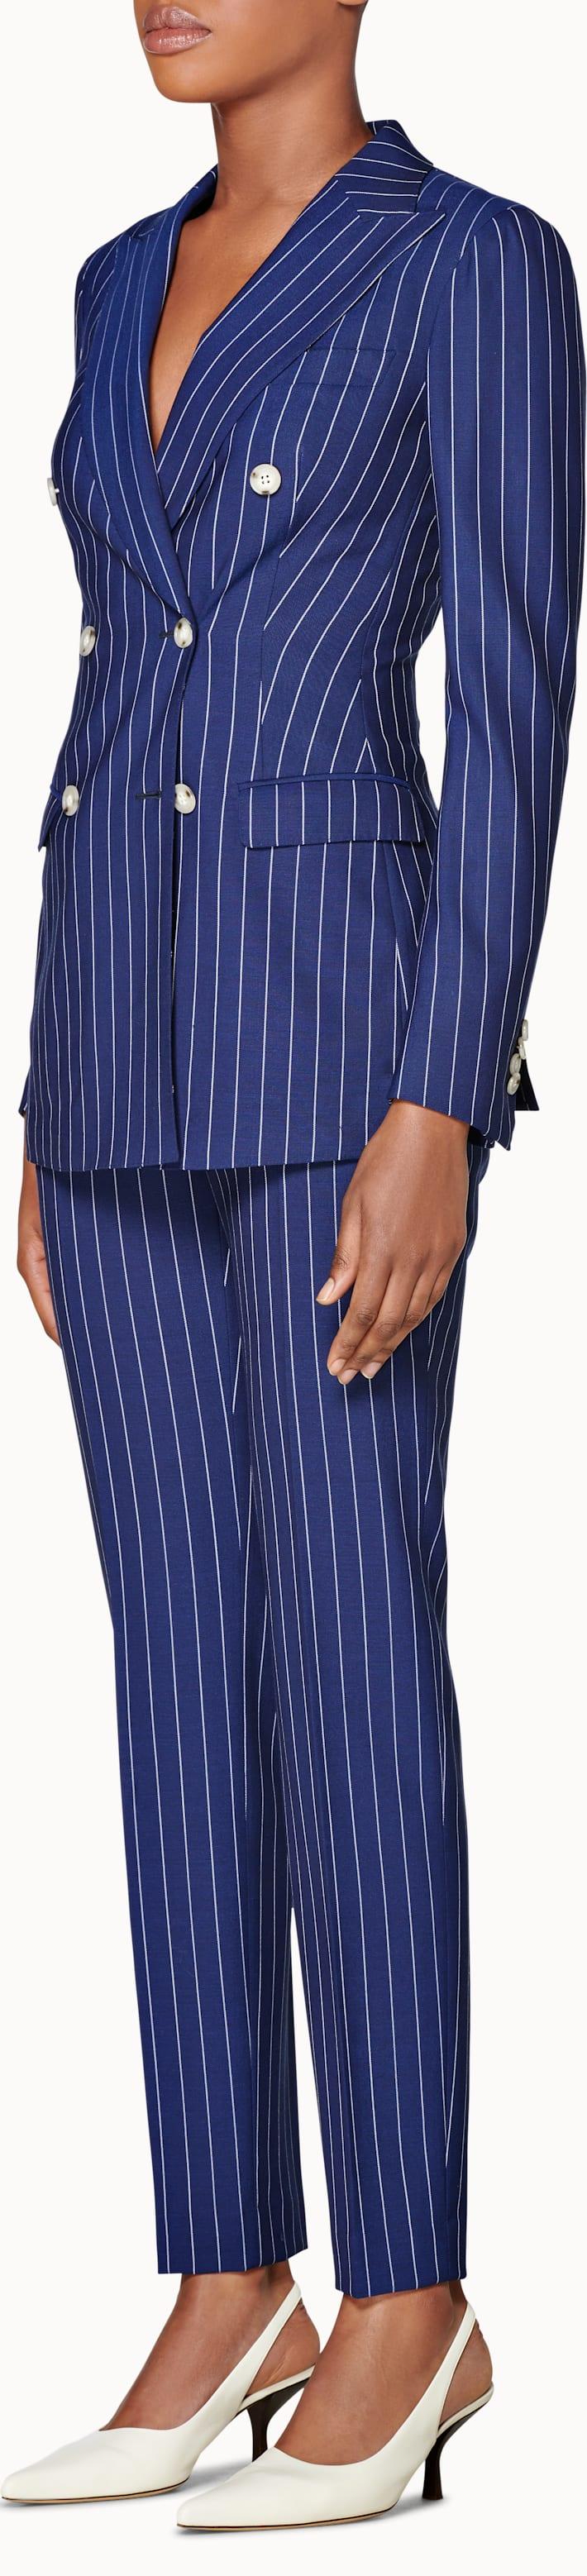 Cameron Blue Striped Suit